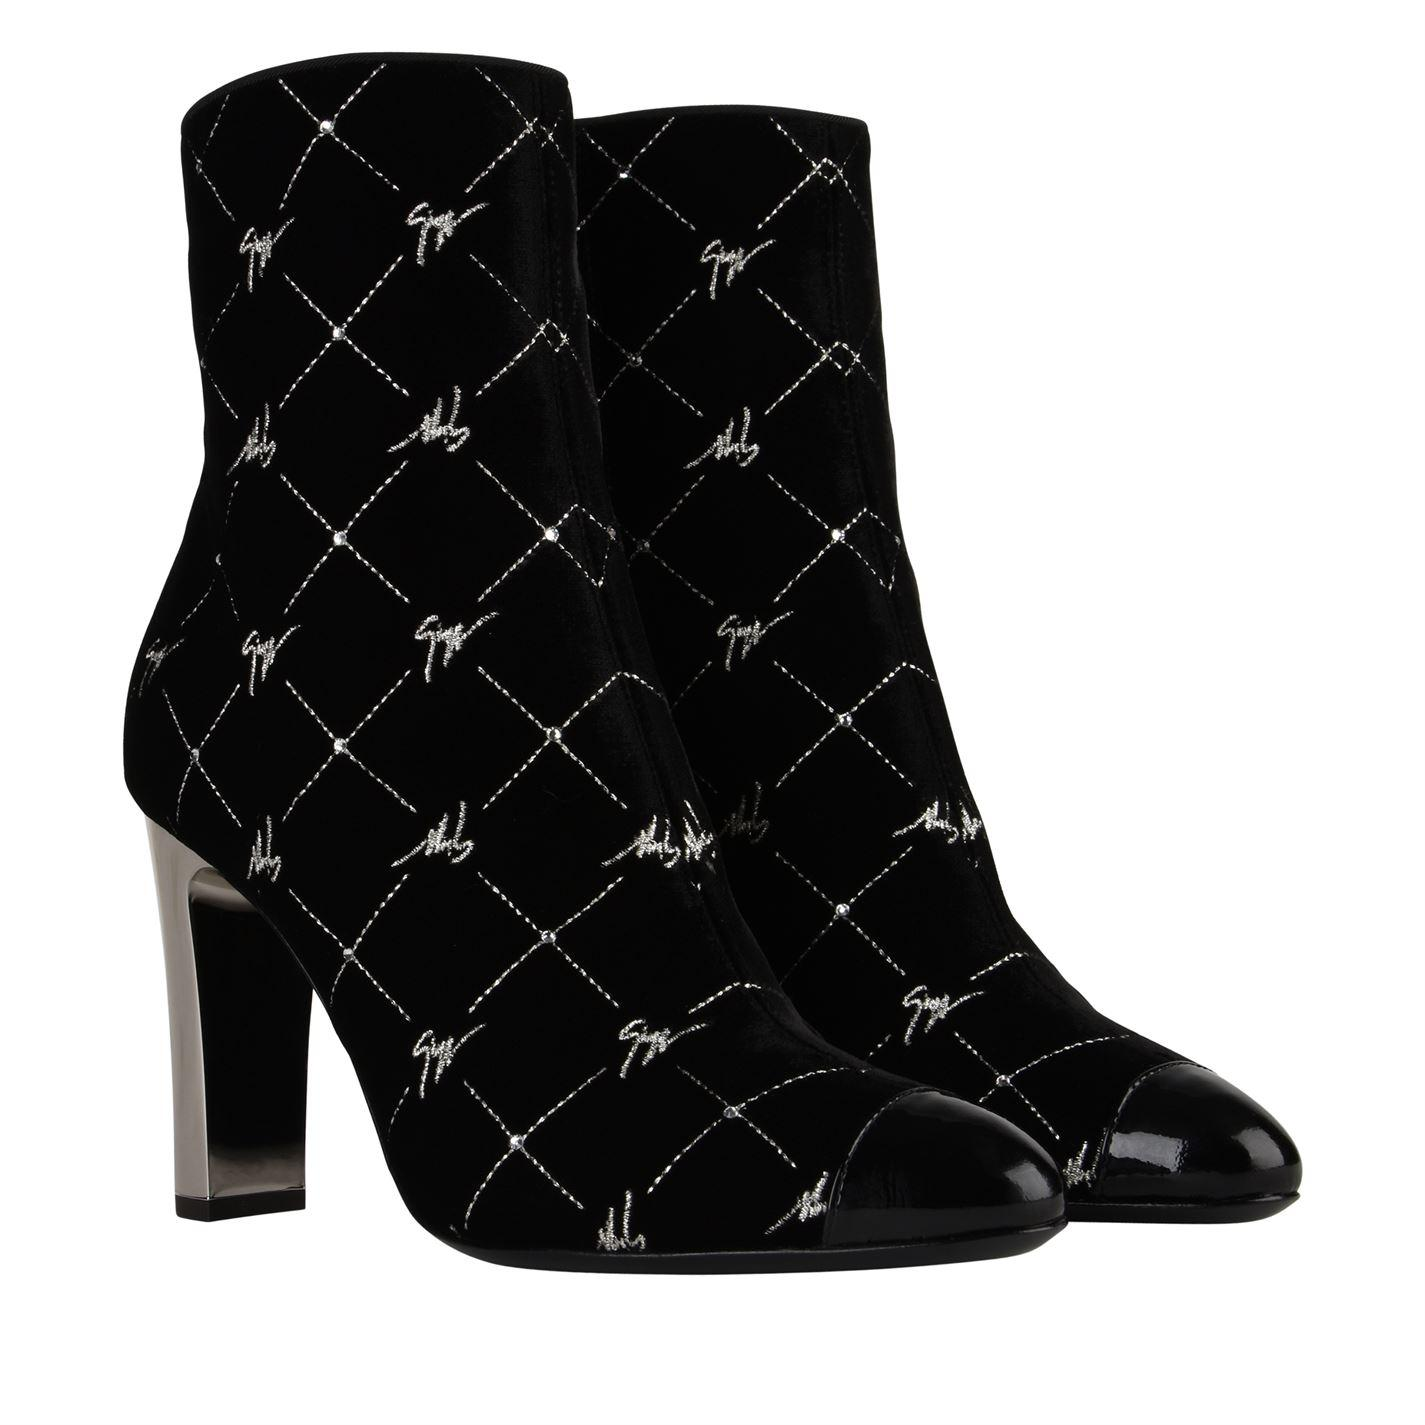 8338106aa82ddb Lyst - Giuseppe Zanotti Signature Velvet Heeled Boots in Black